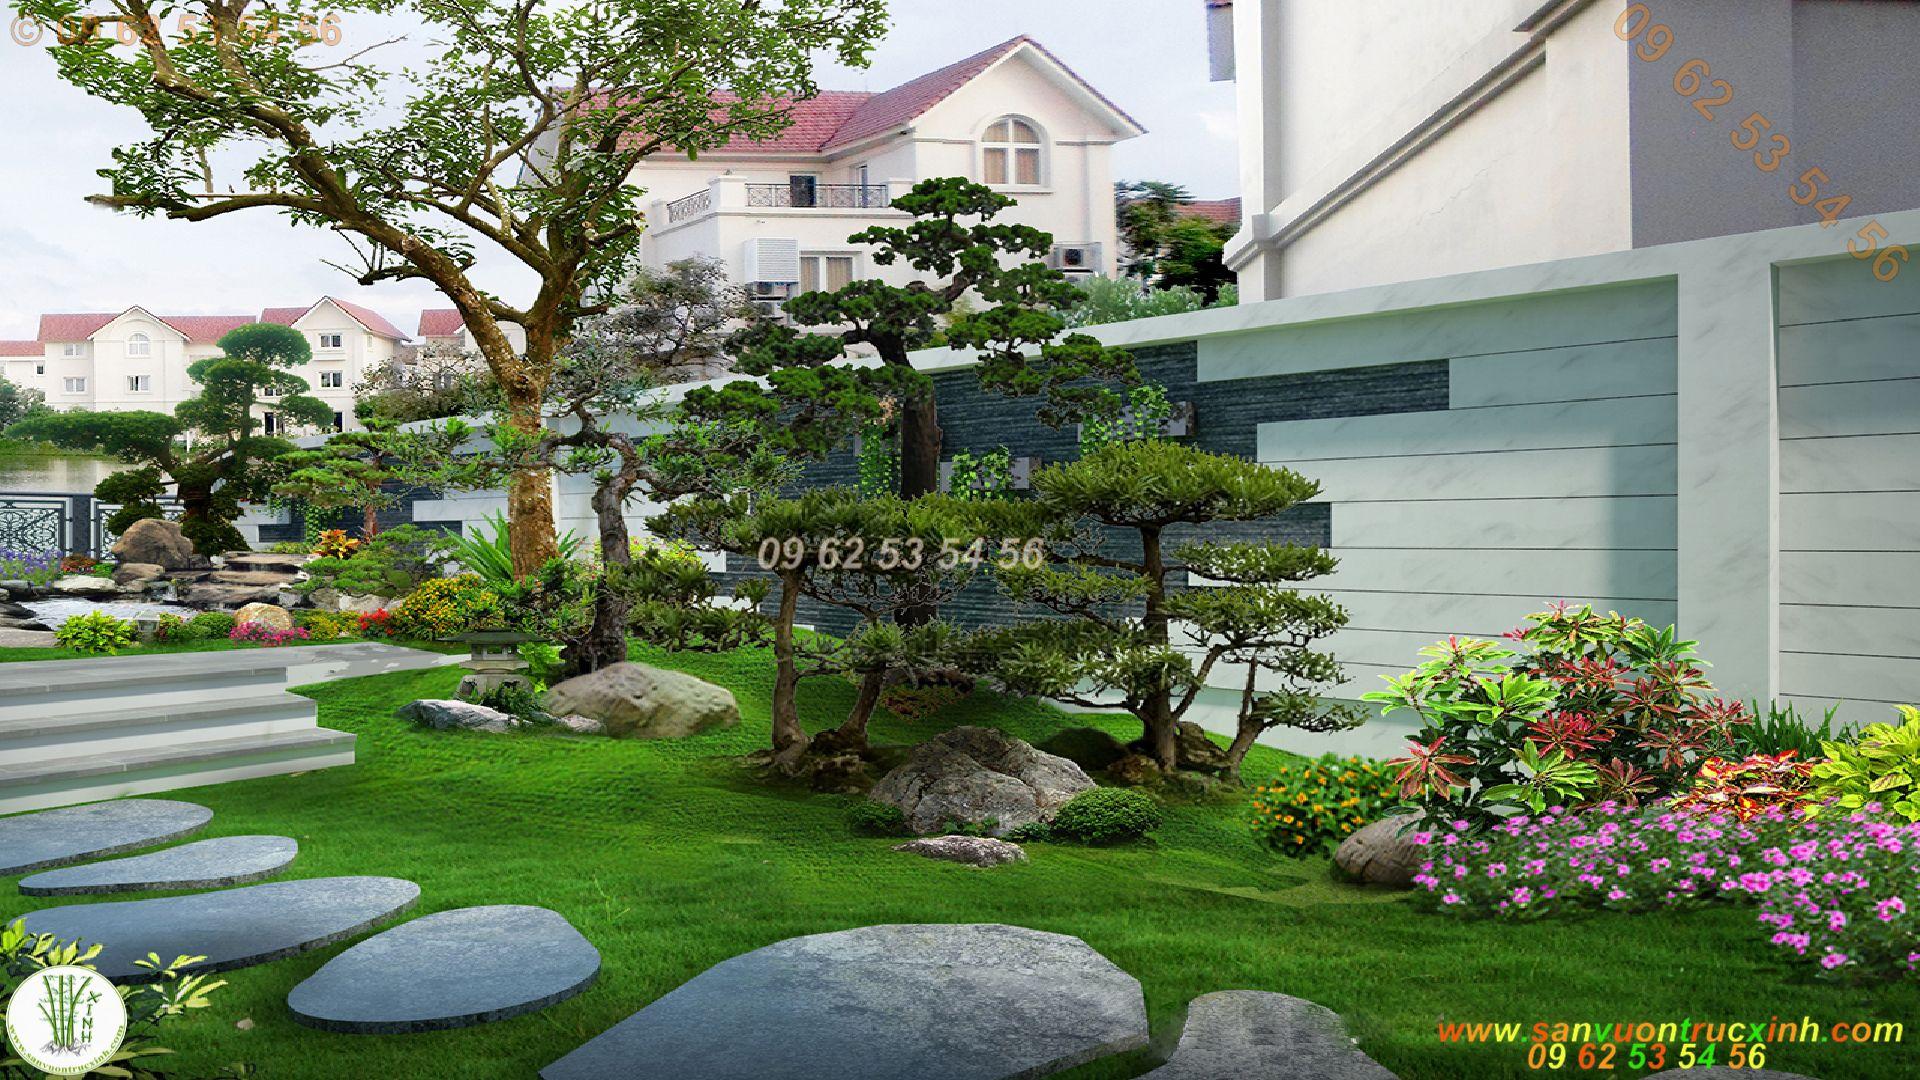 Sân vườn biệt thự hiện đại nhiều màu xanh